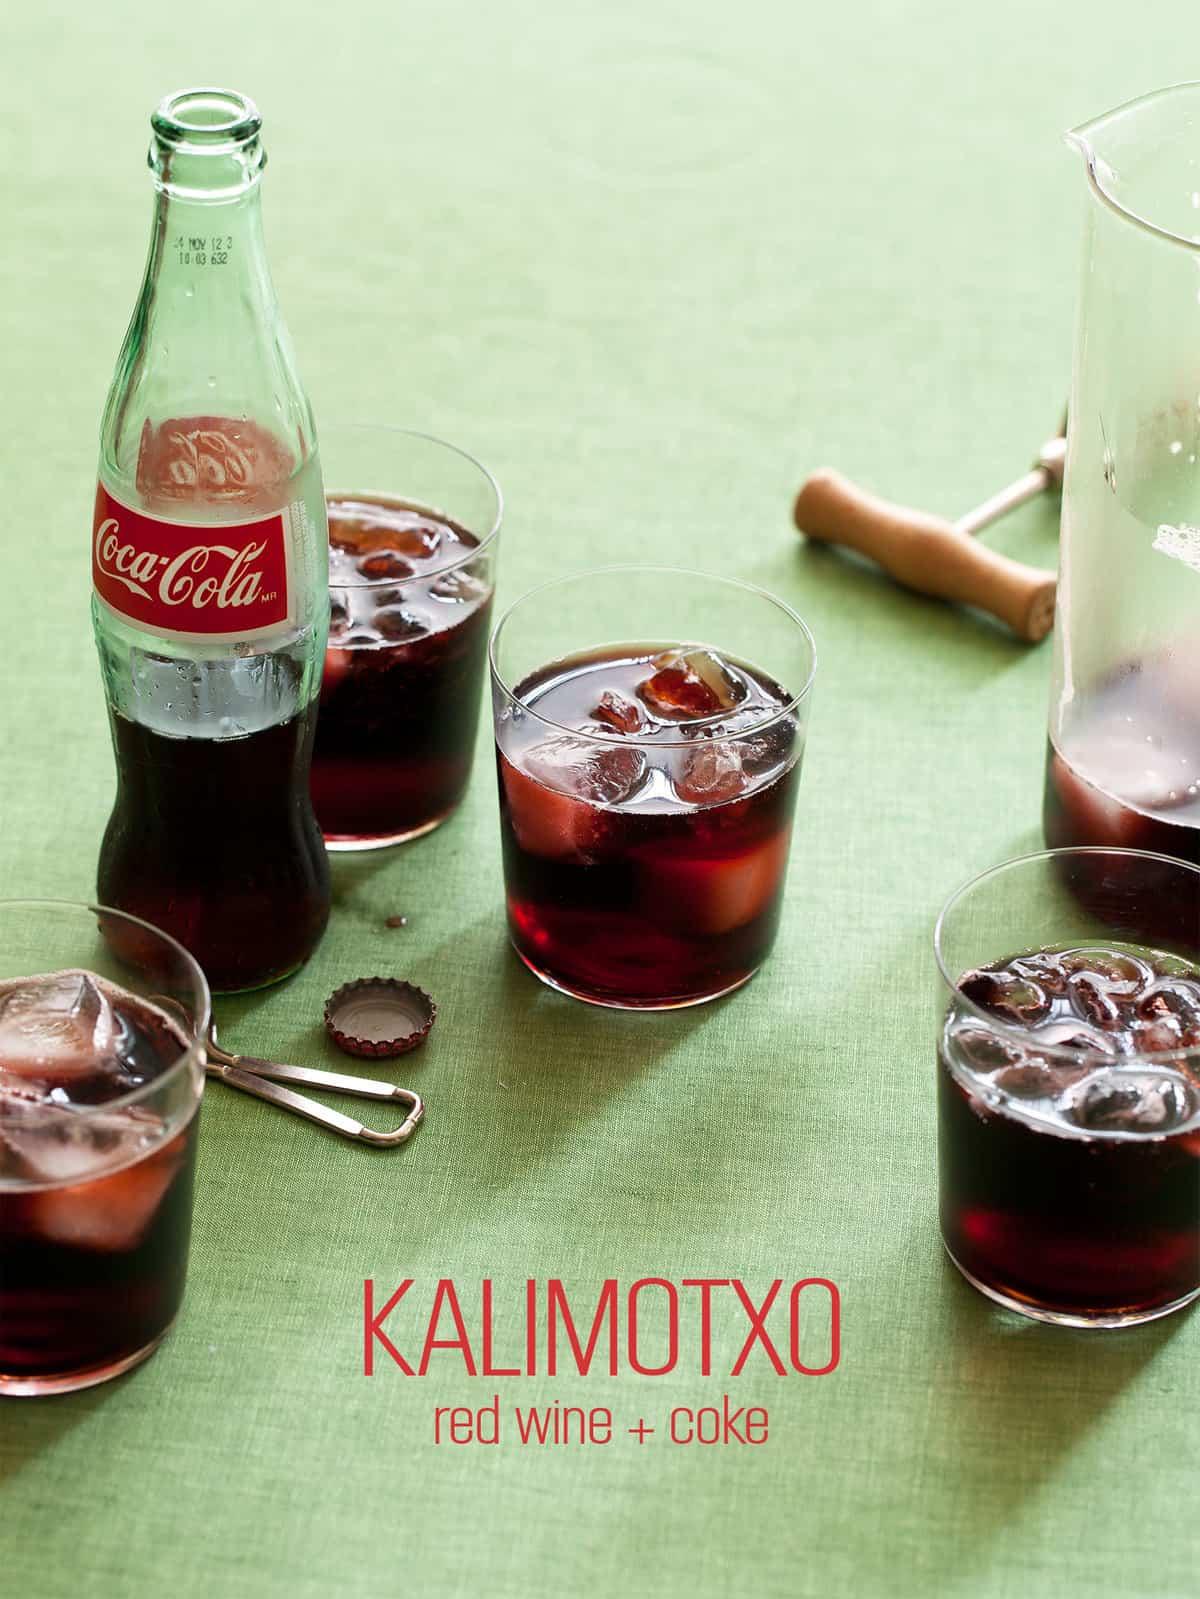 「Kalimotxo」の画像検索結果